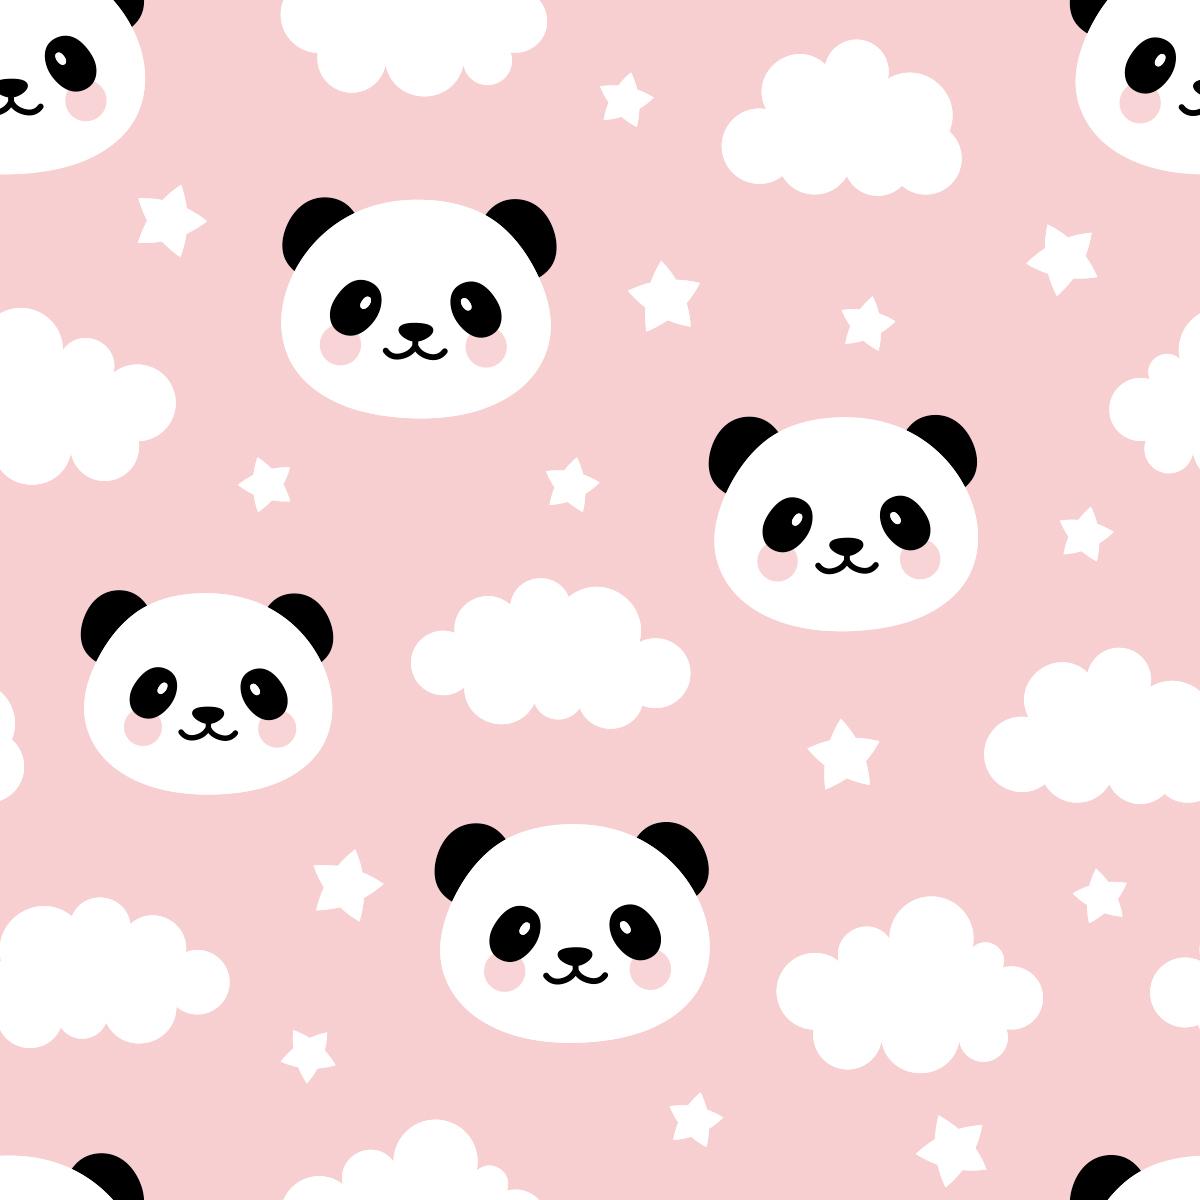 Papel de Parede Ursinho Panda Estrelas Nuvens Adesivo